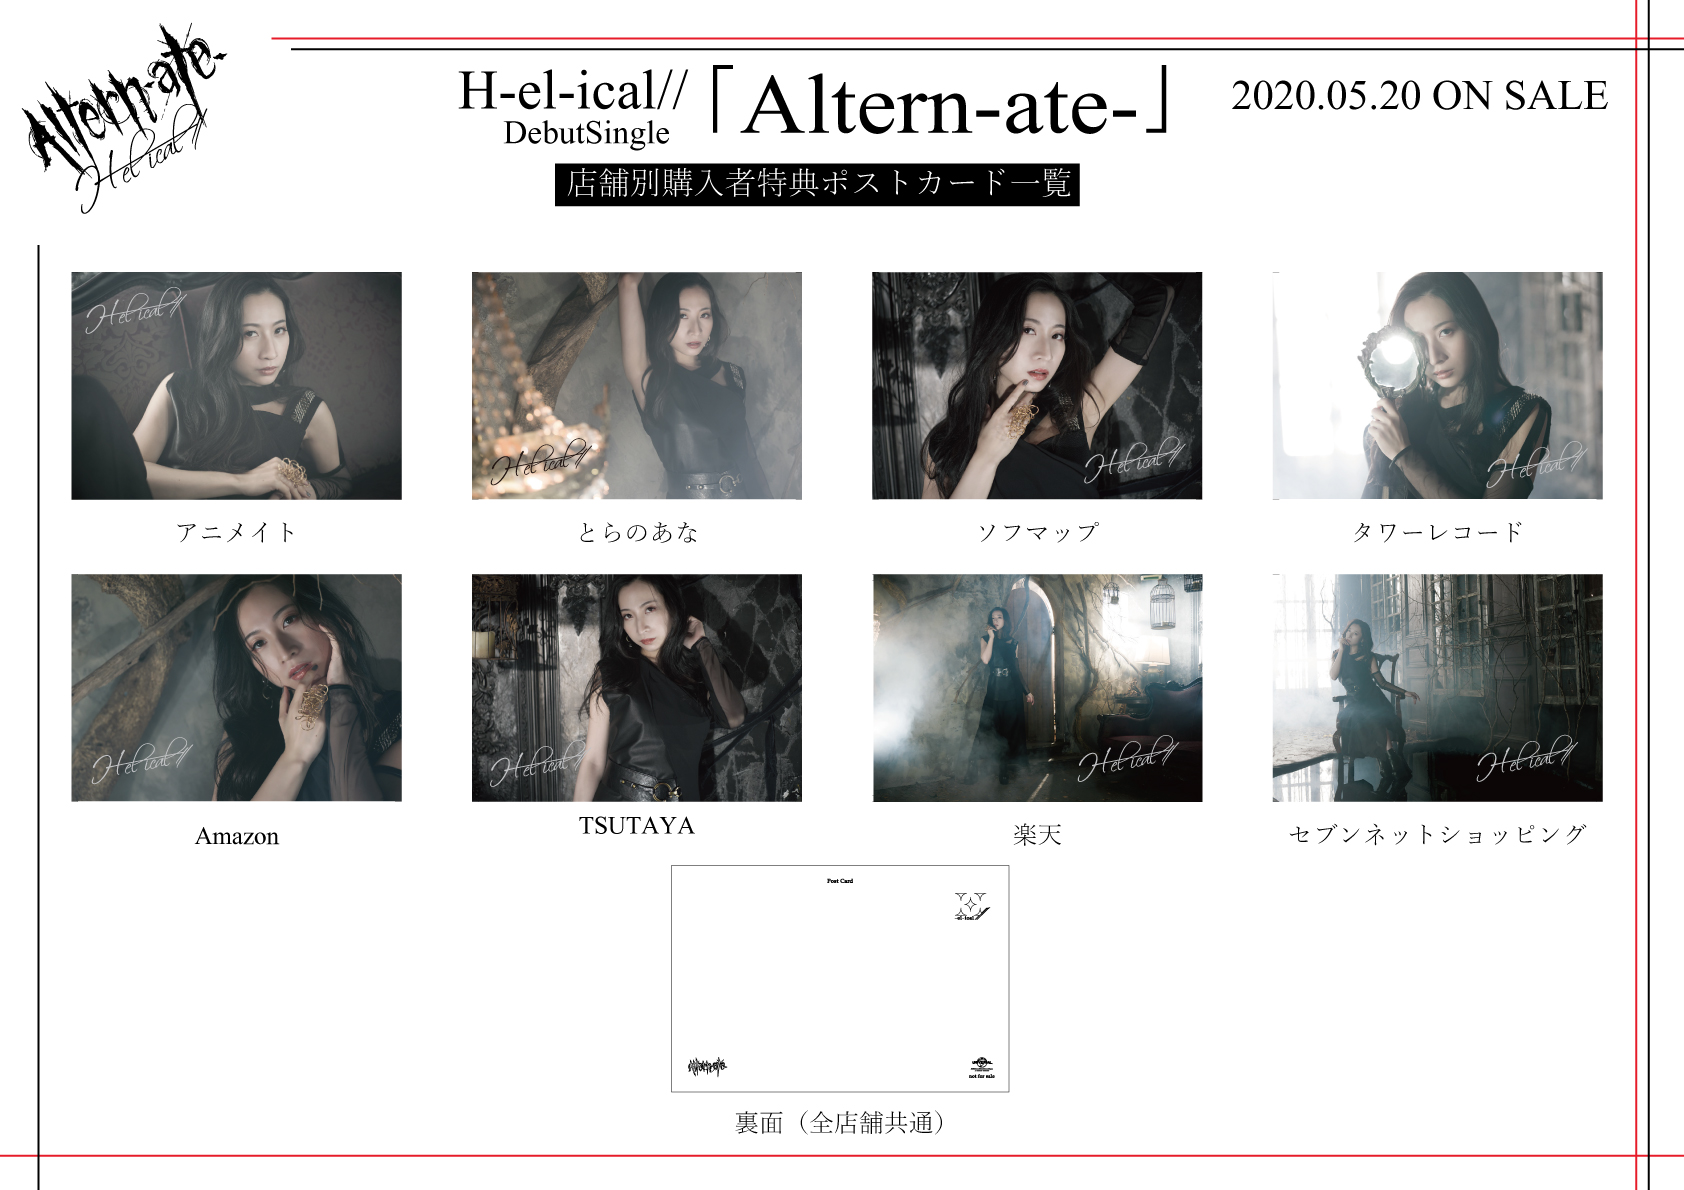 5/20発売「Altern-ate-」店舗別購入特典公開